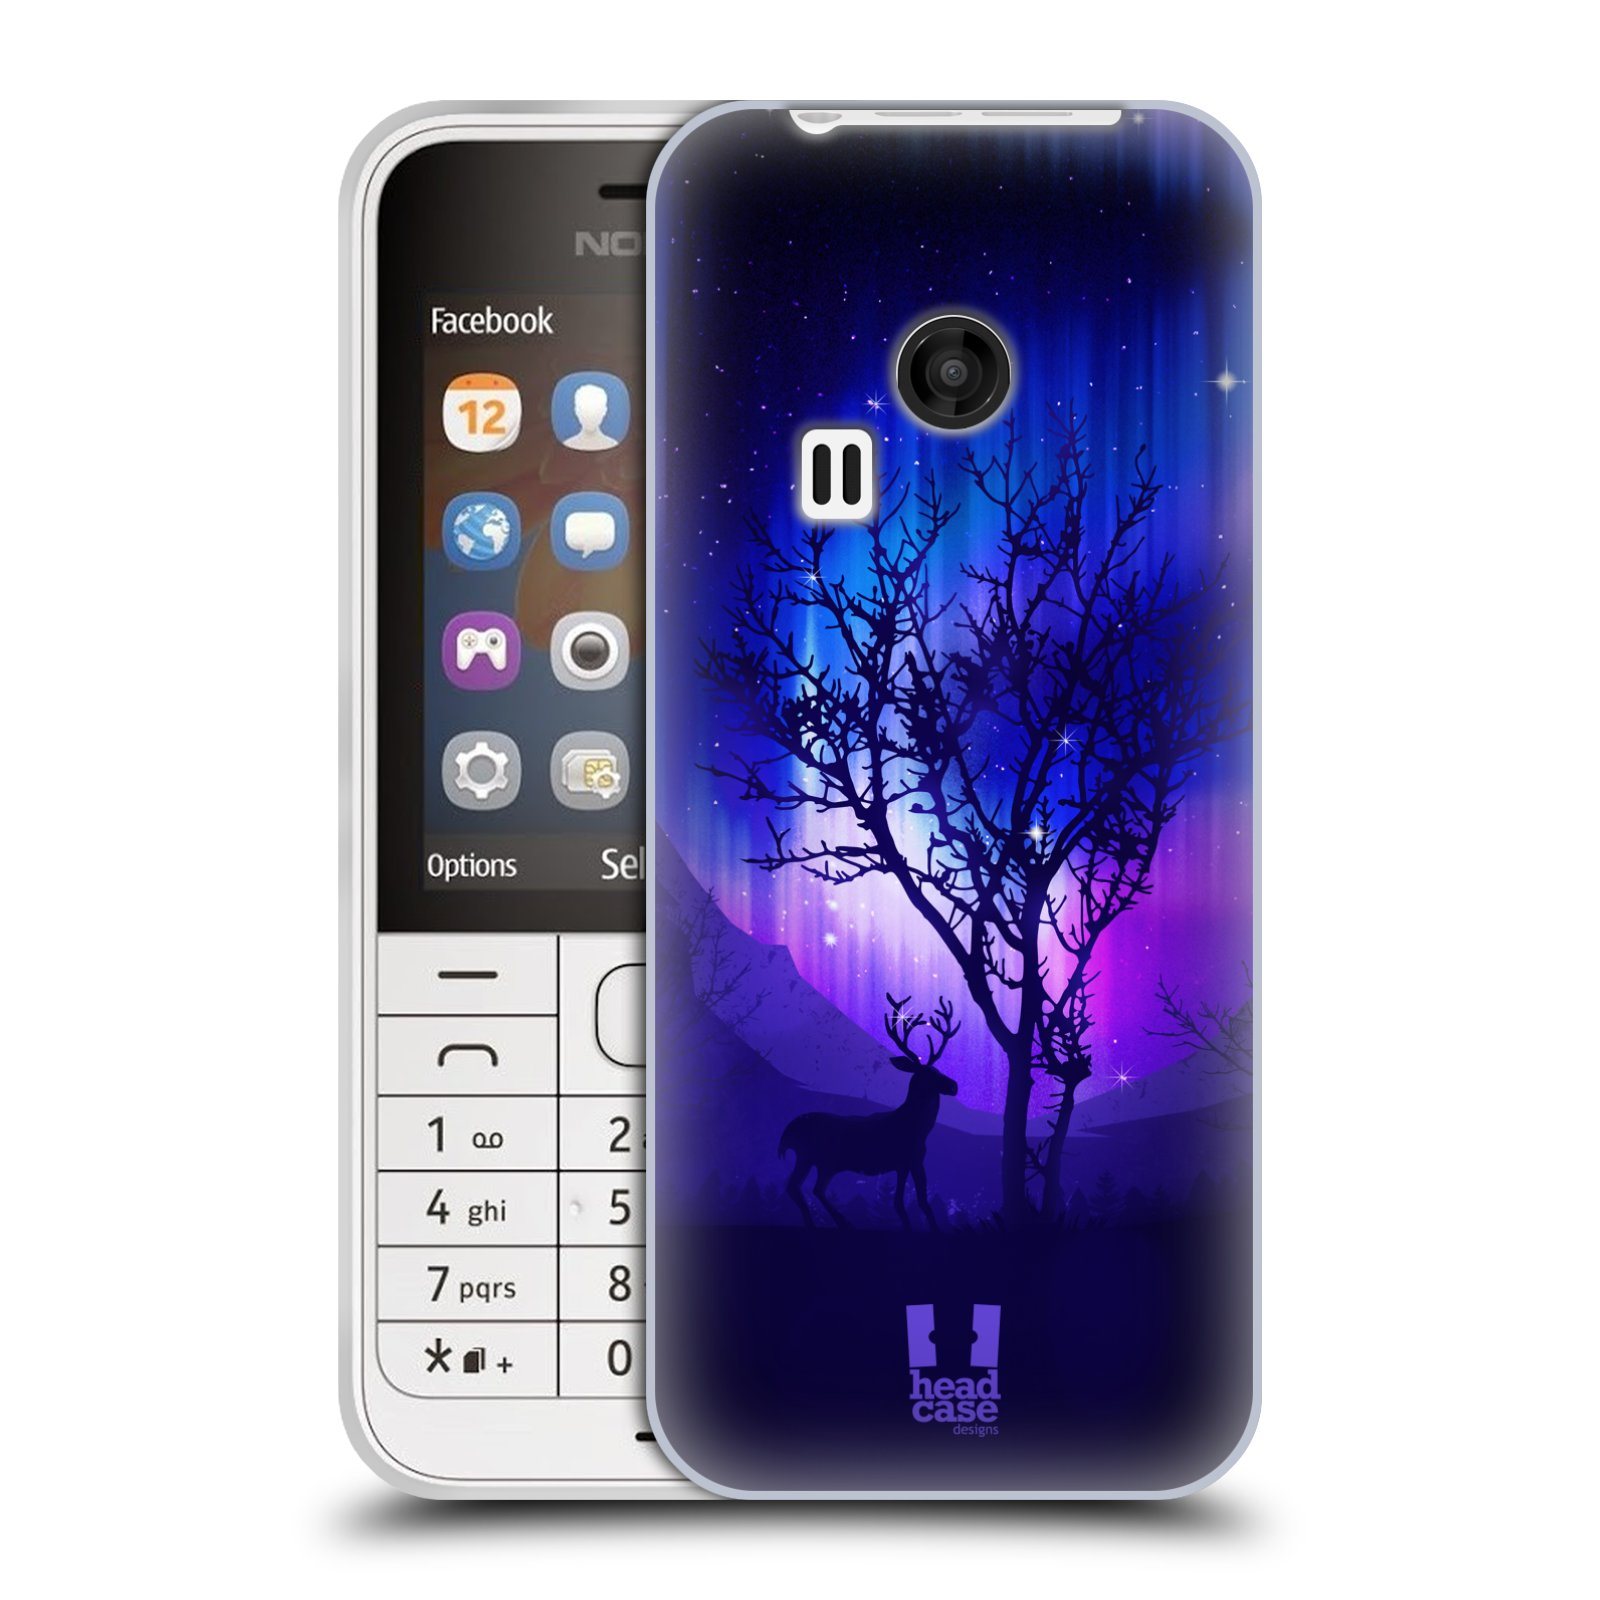 Silikonové pouzdro na mobil Nokia 220 HEAD CASE Polární Záře Strom (Silikonový kryt či obal na mobilní telefon Nokia 220 a 220 Dual SIM)